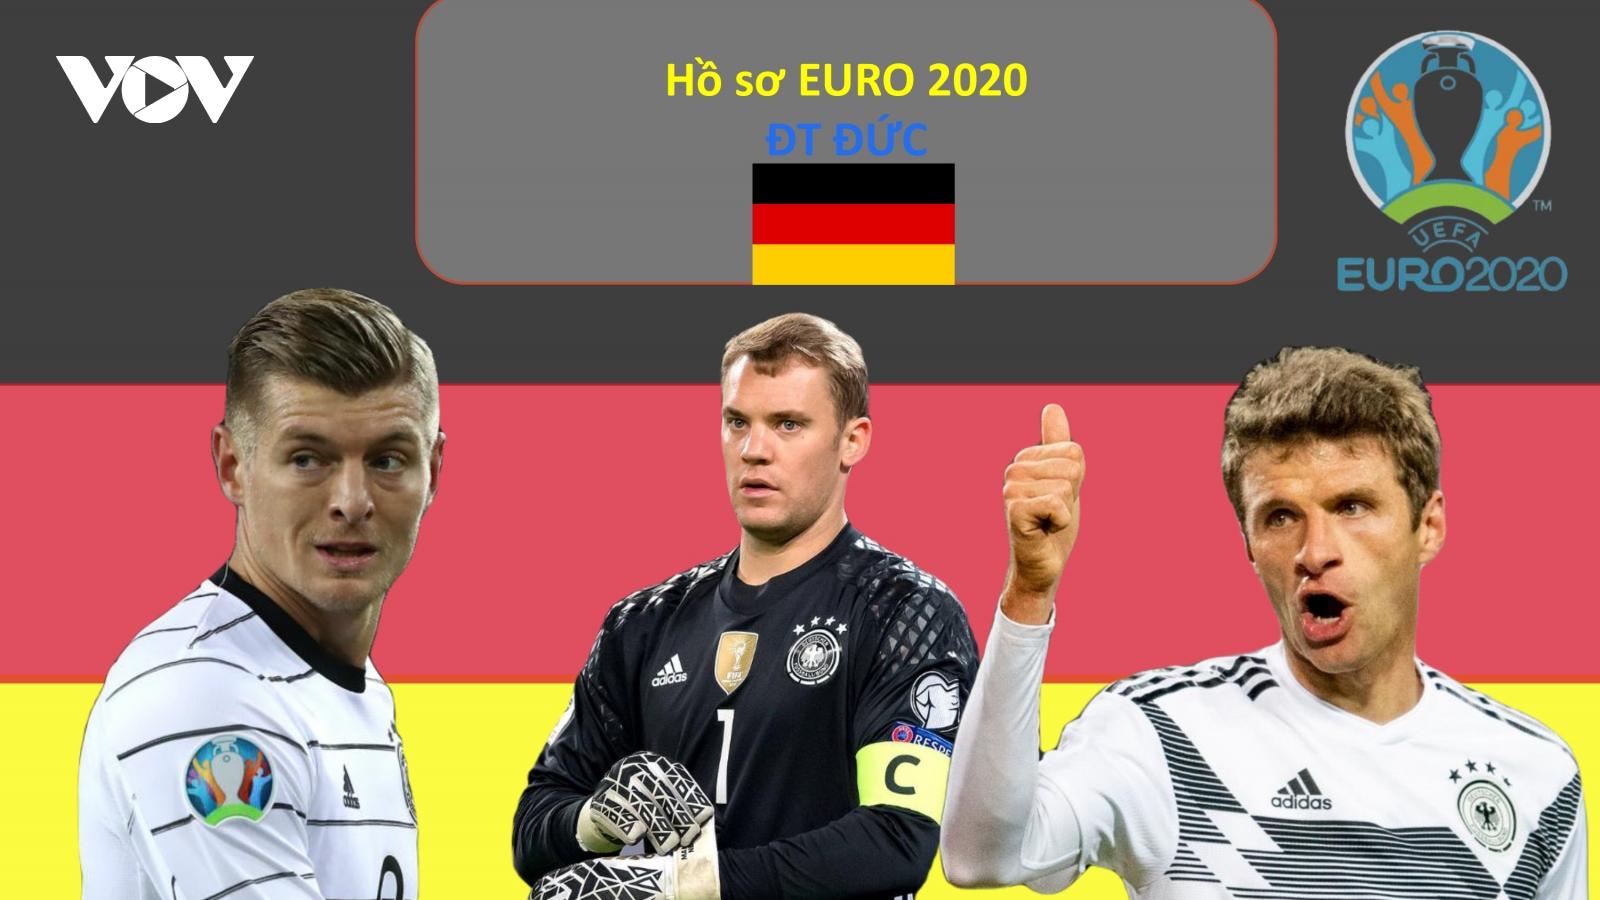 Hồ sơ các ĐT dự EURO 2020: Đội tuyển Đức